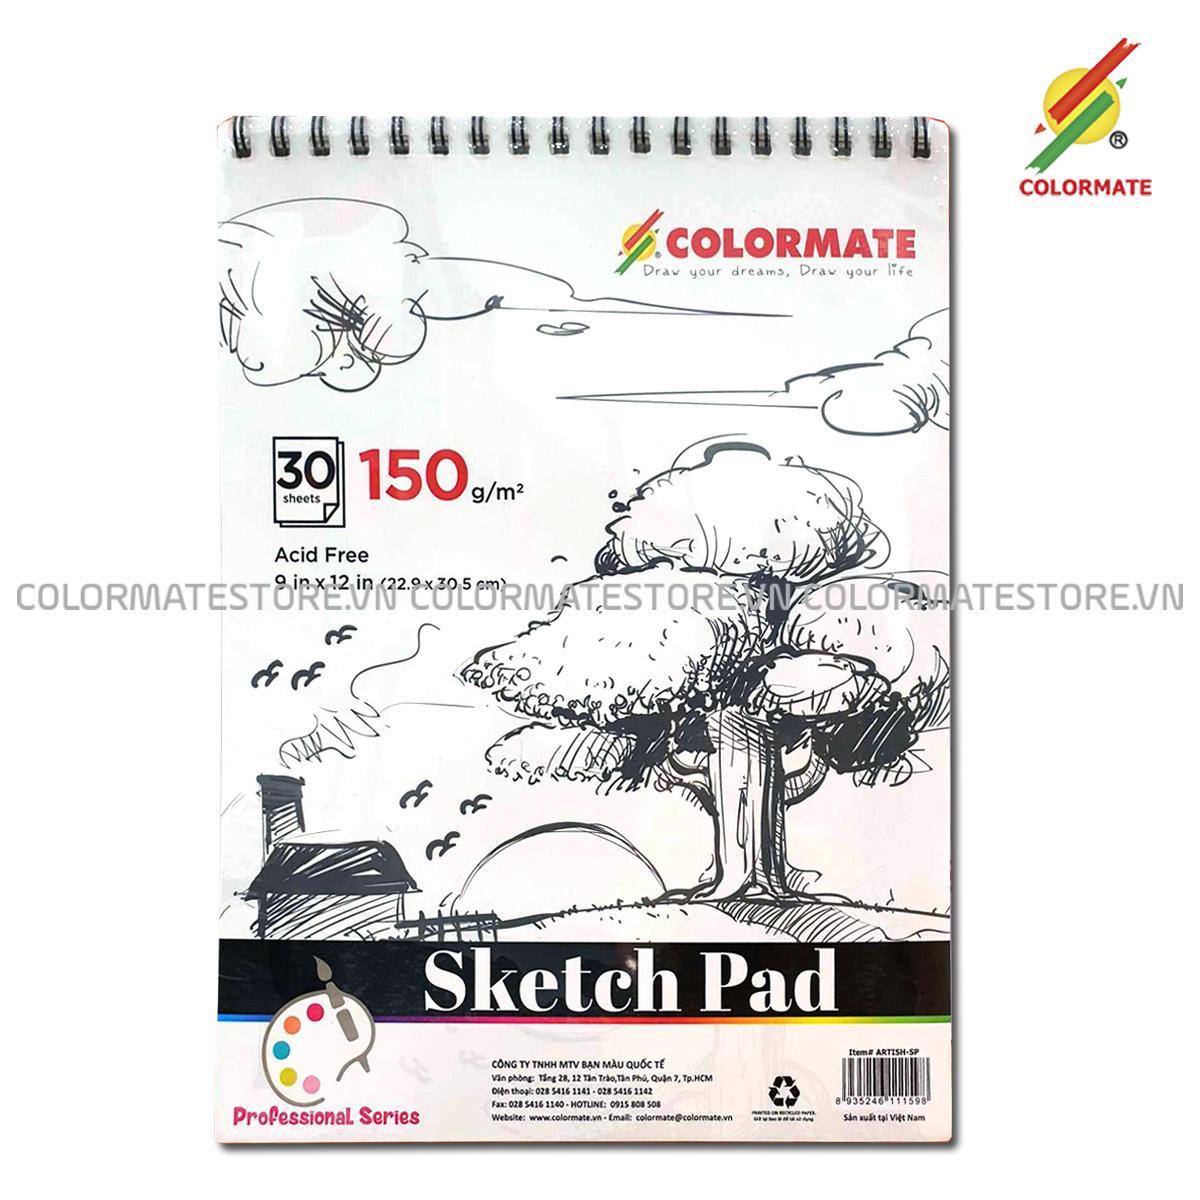 Tập Giấy Vẽ Sketch Pad A4 Định Lượng 150GMS 30 Tờ Đang Có Giảm Giá